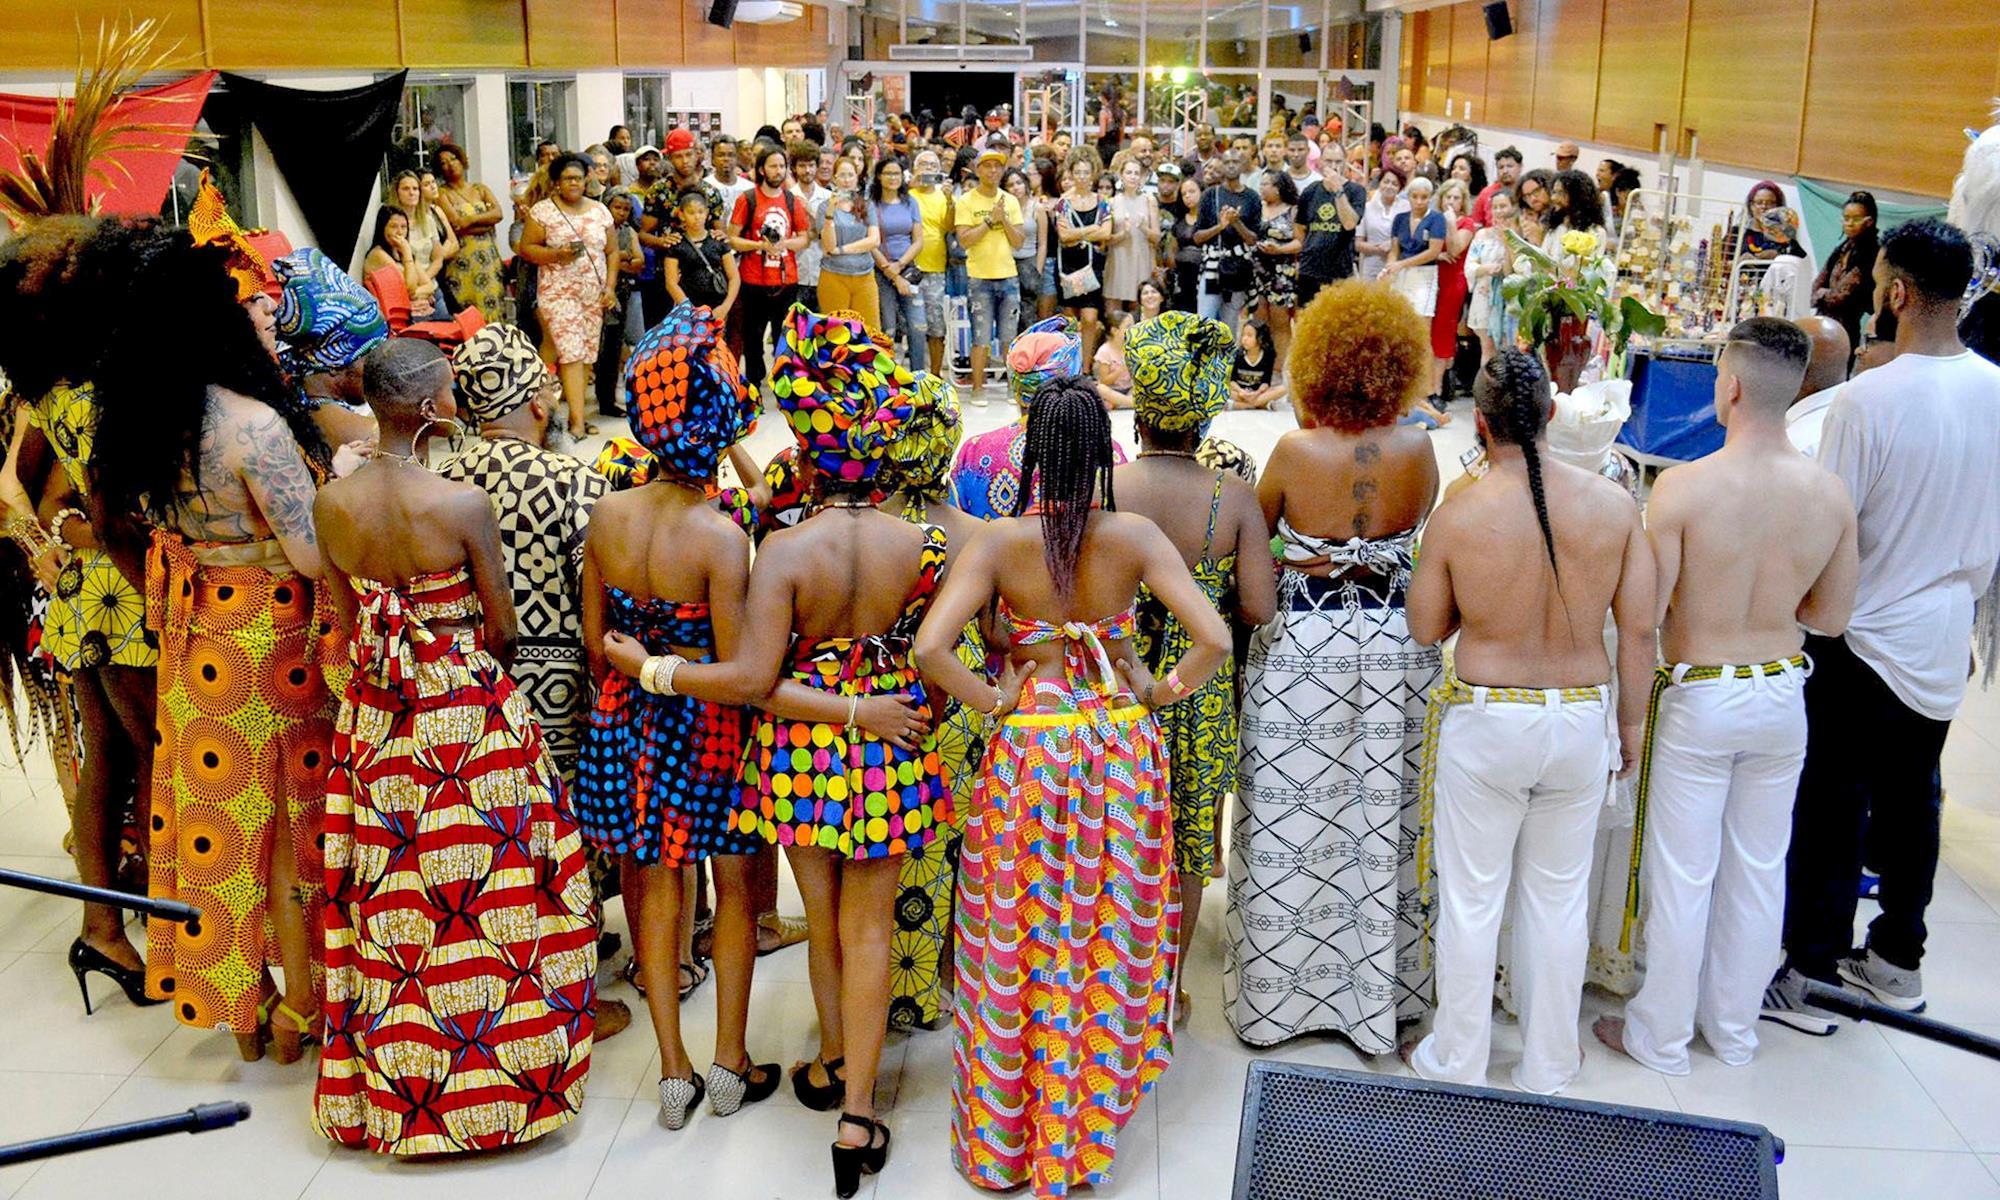 mostra, cultura, negra, desfile, sorocaba, afro,, Foguinho/Imprensa SMetal